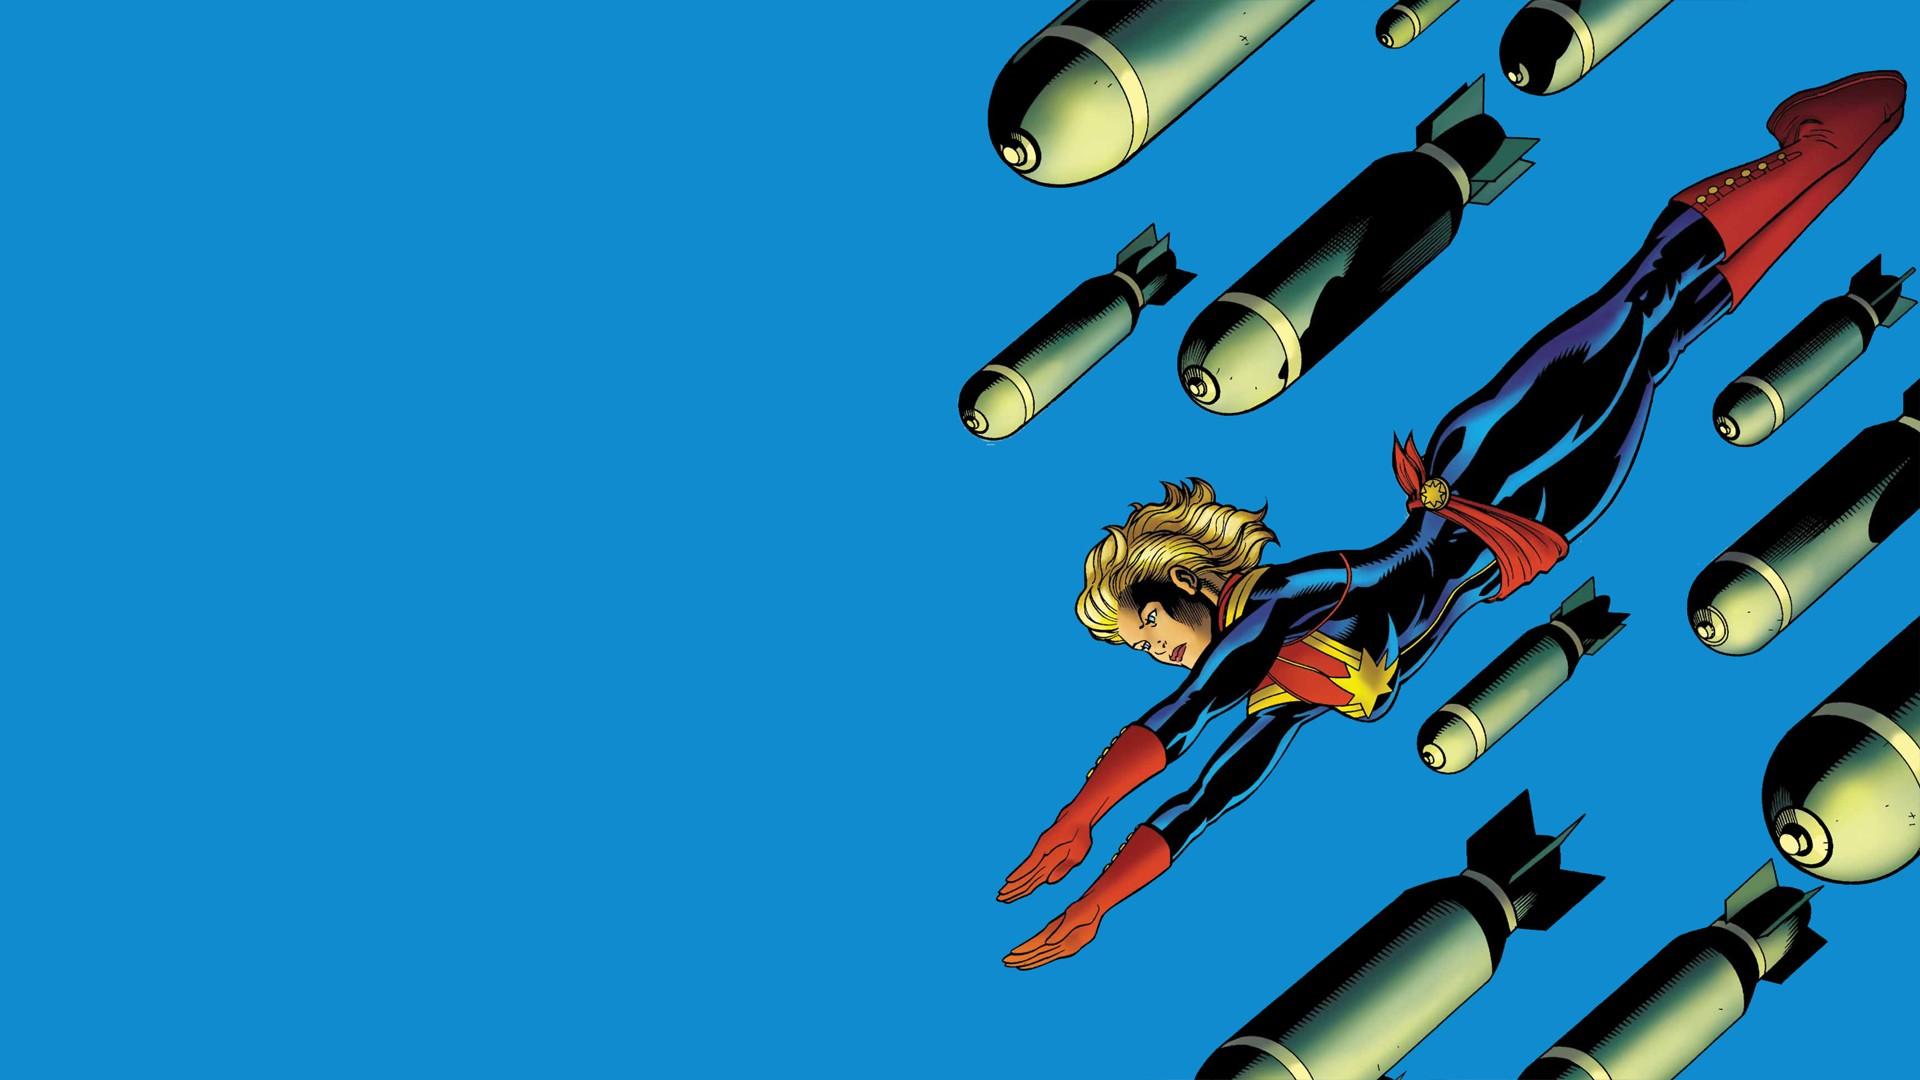 Captain Marvel Fantasy Art Wallpapers Hd Desktop And: Captain Marvel HD Wallpaper